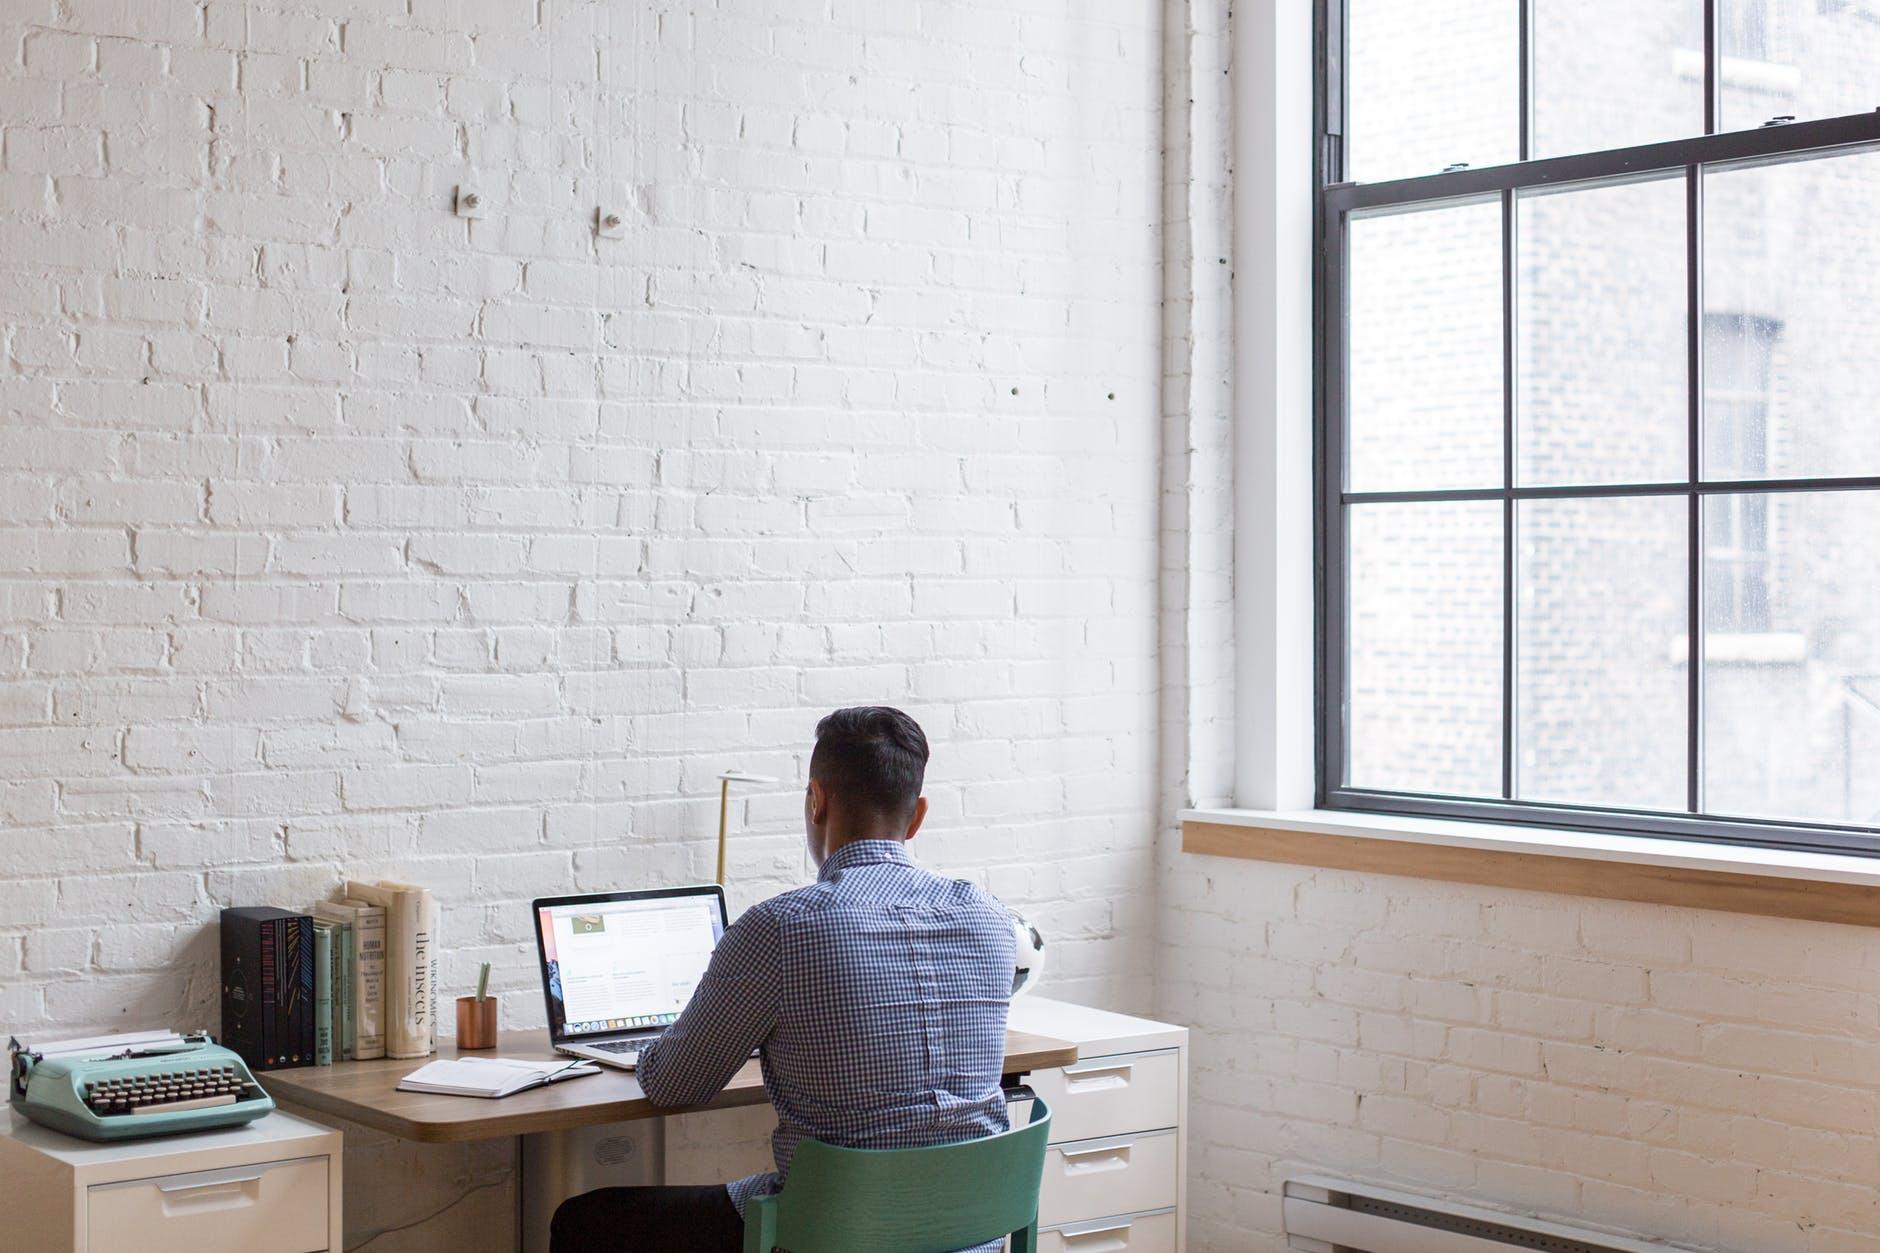 10 Pengertian Manajemen Menurut Para Ahli